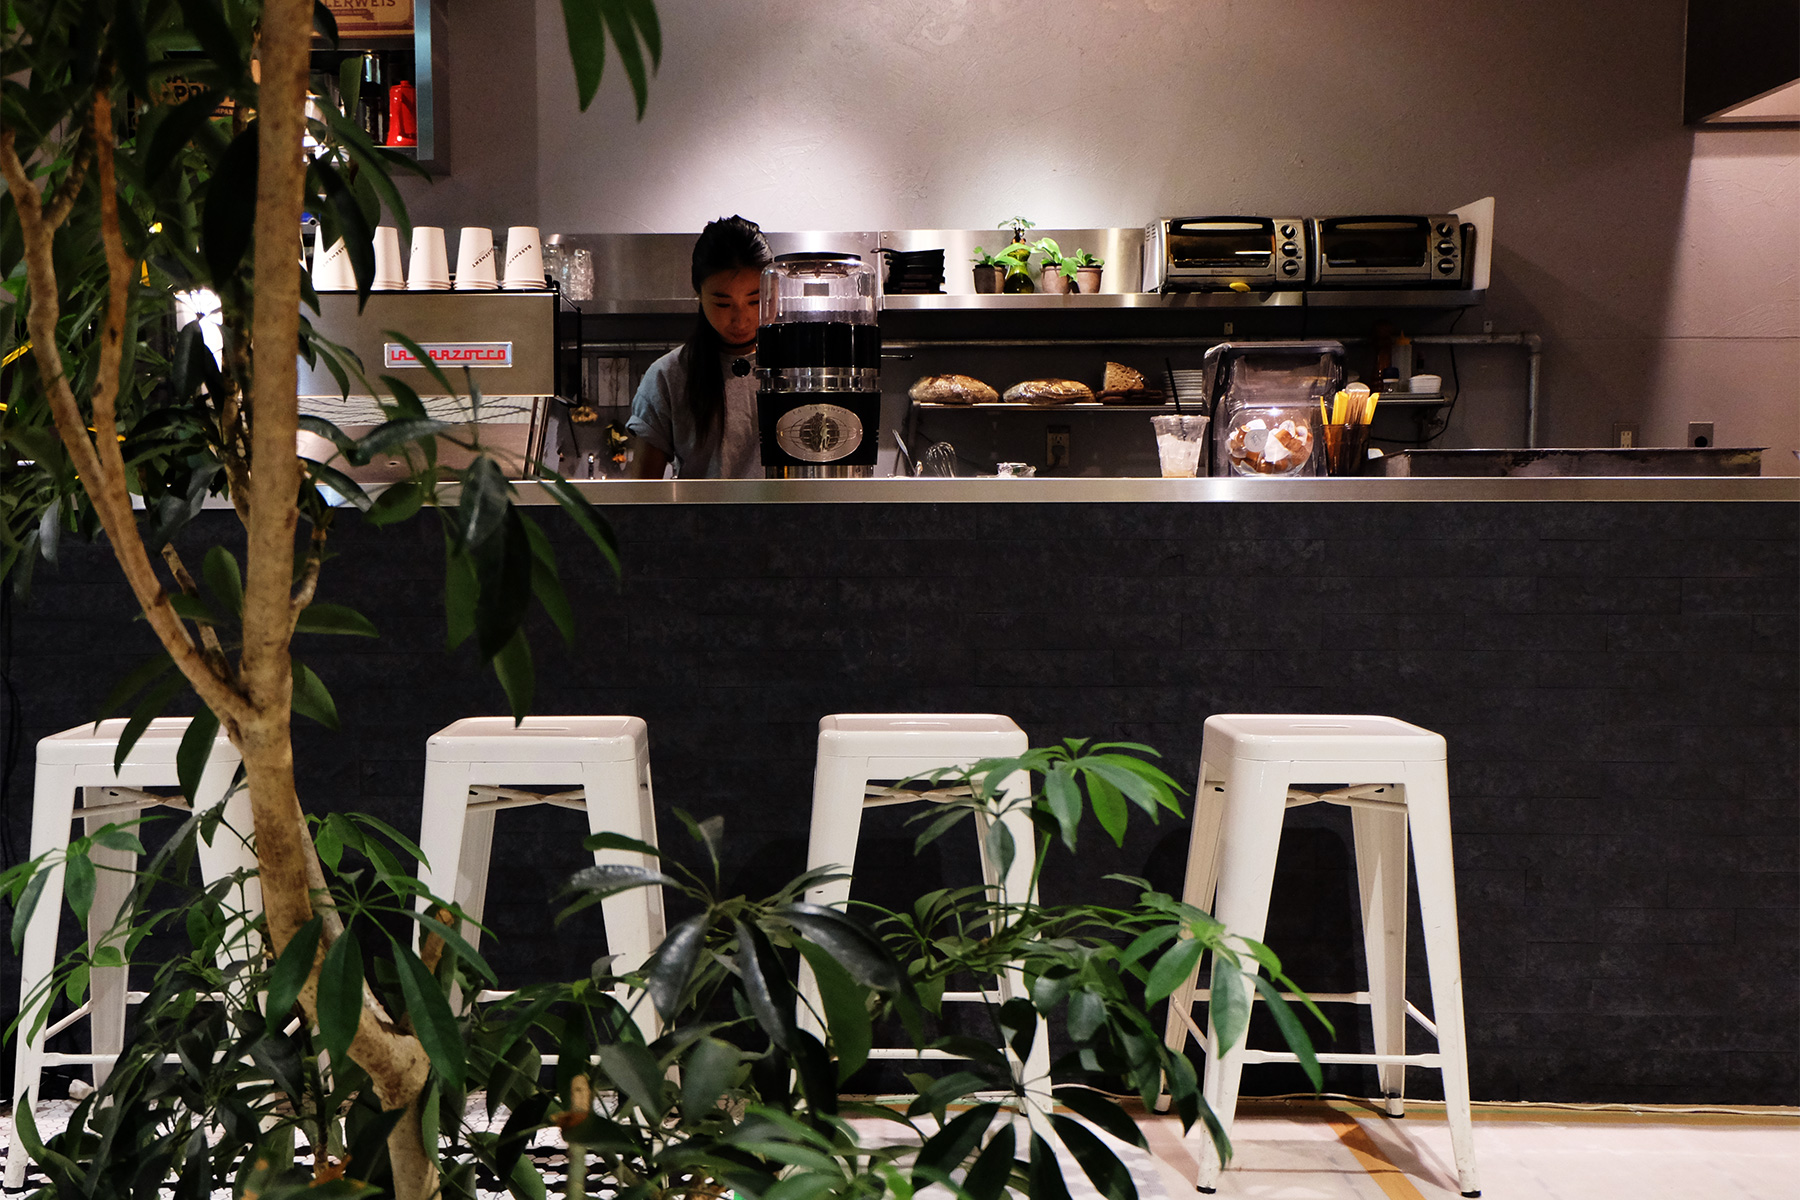 大阪・アメ村の美味しいコーヒーが飲めるカフェ・コーヒースタンド BASEMENT SANDWICH & COFFEE